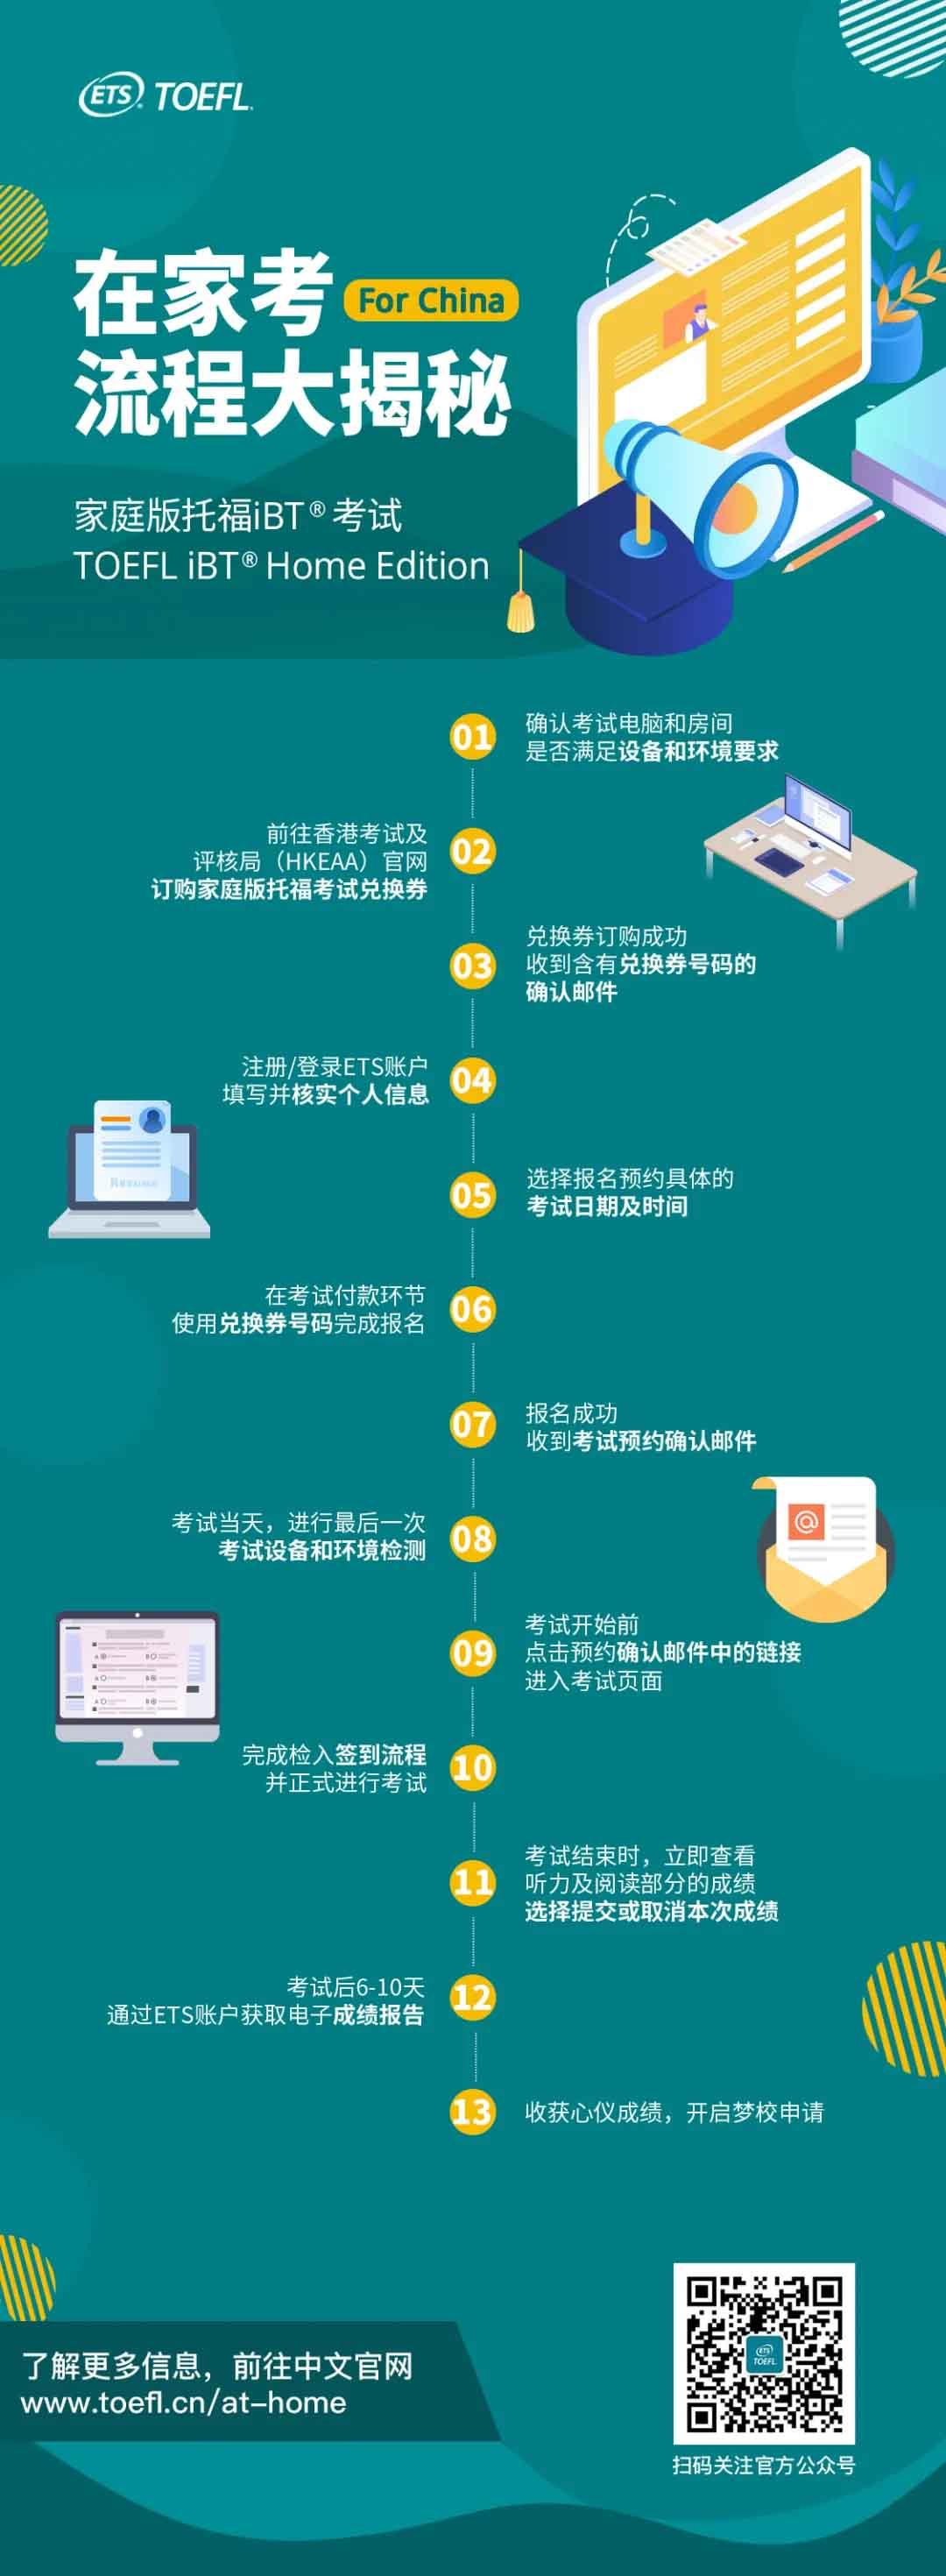 ETS重磅官宣,中国大陆考生可以考家庭版托福了!3